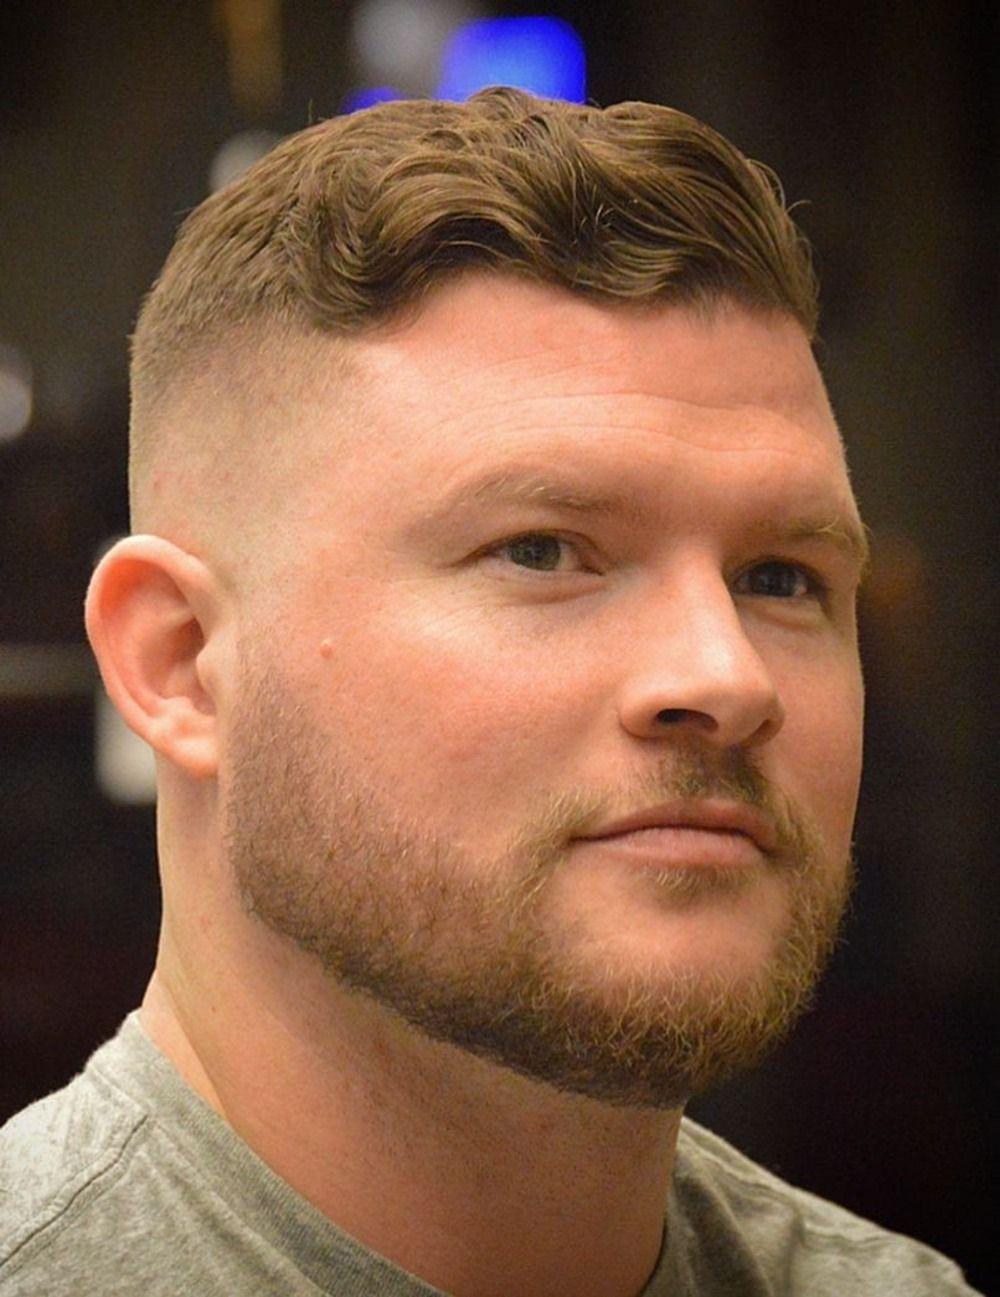 Breites Gesicht Passender Haarschnitt Lockige Haare Frisuren Manner Rundes Gesicht Rundes Gesicht Frisuren Rundes Gesicht